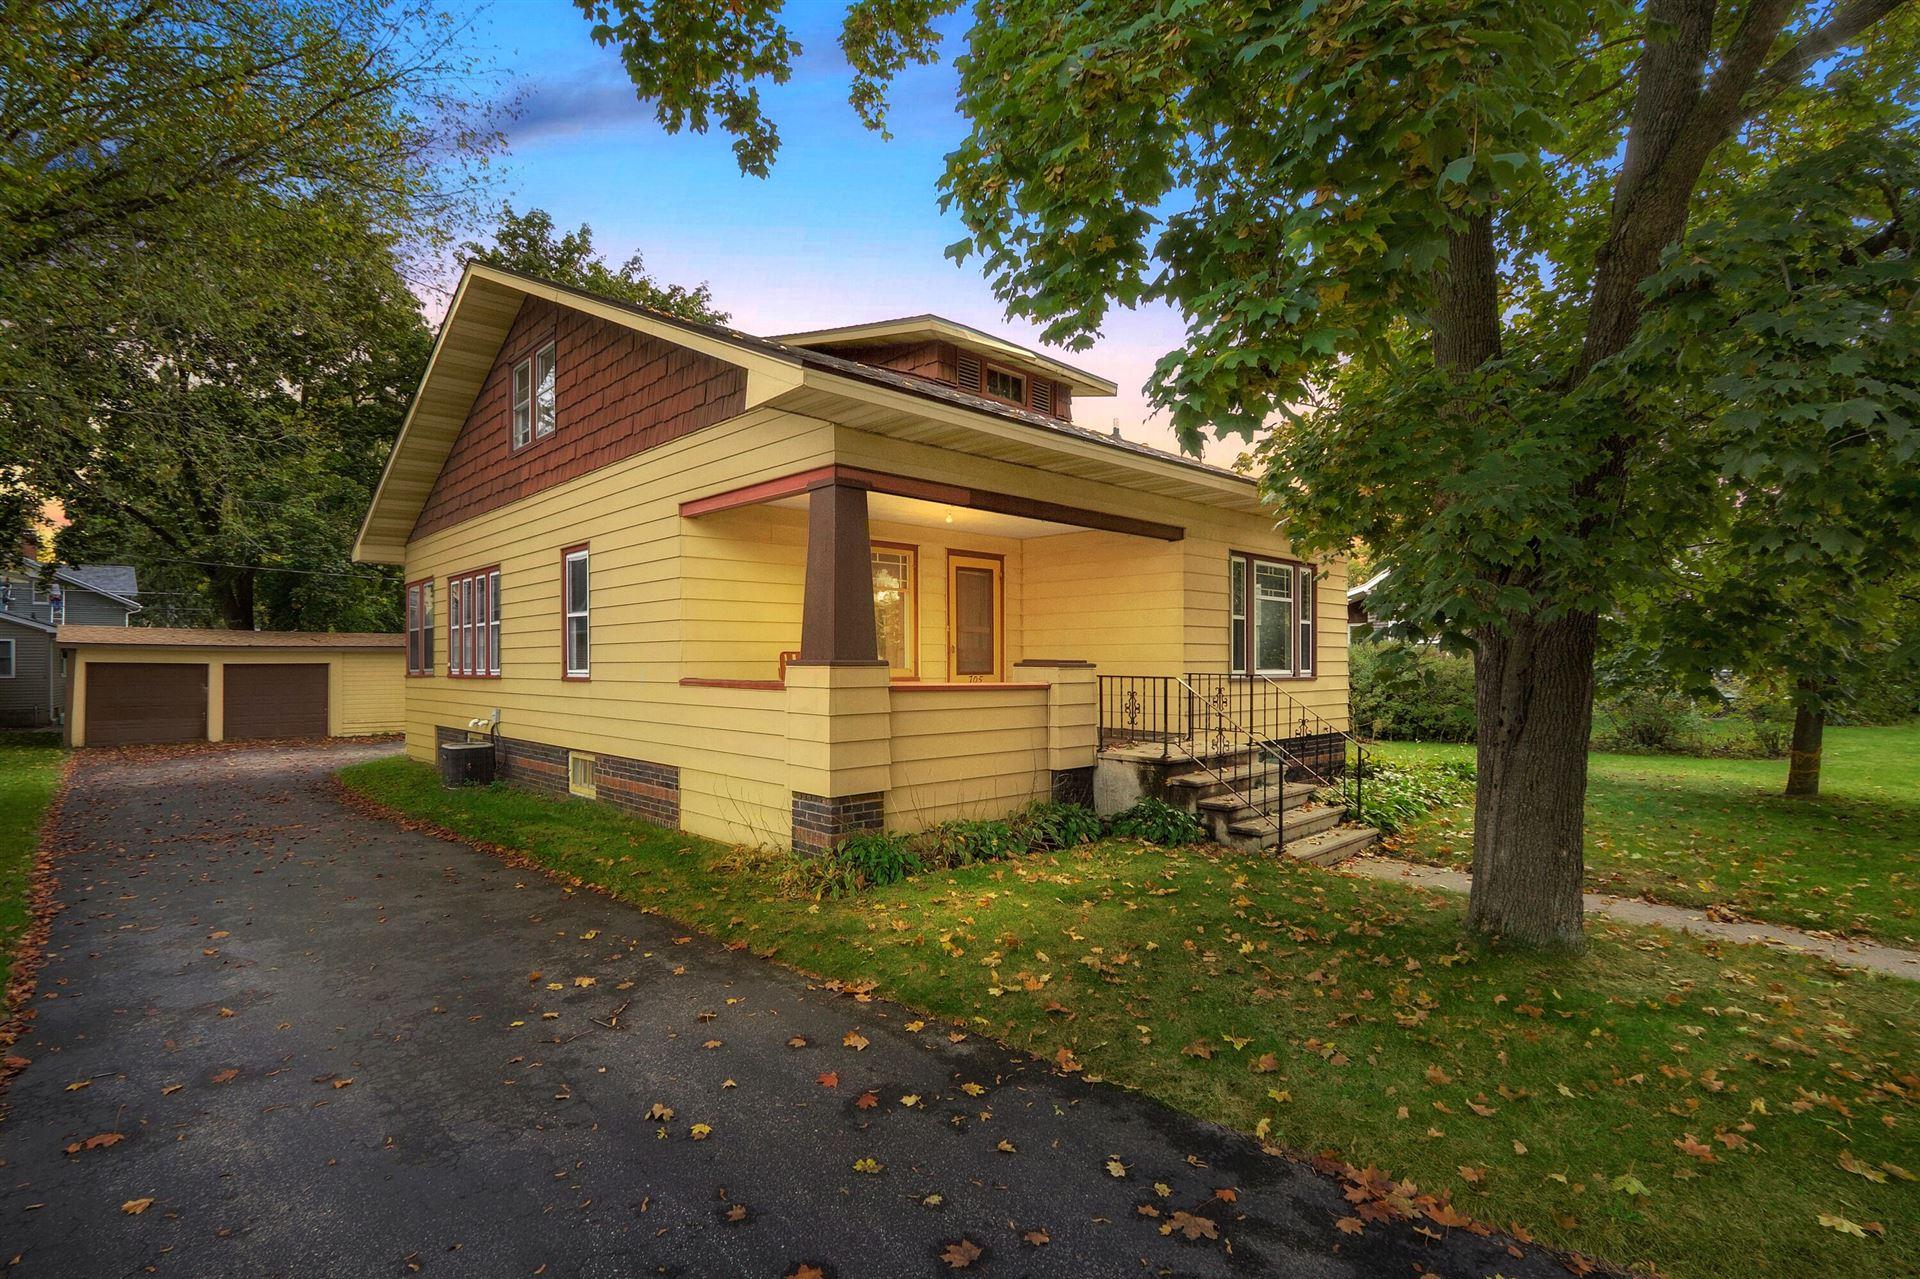 705 Main St S, Holmen, WI 54636 - MLS#: 1767701